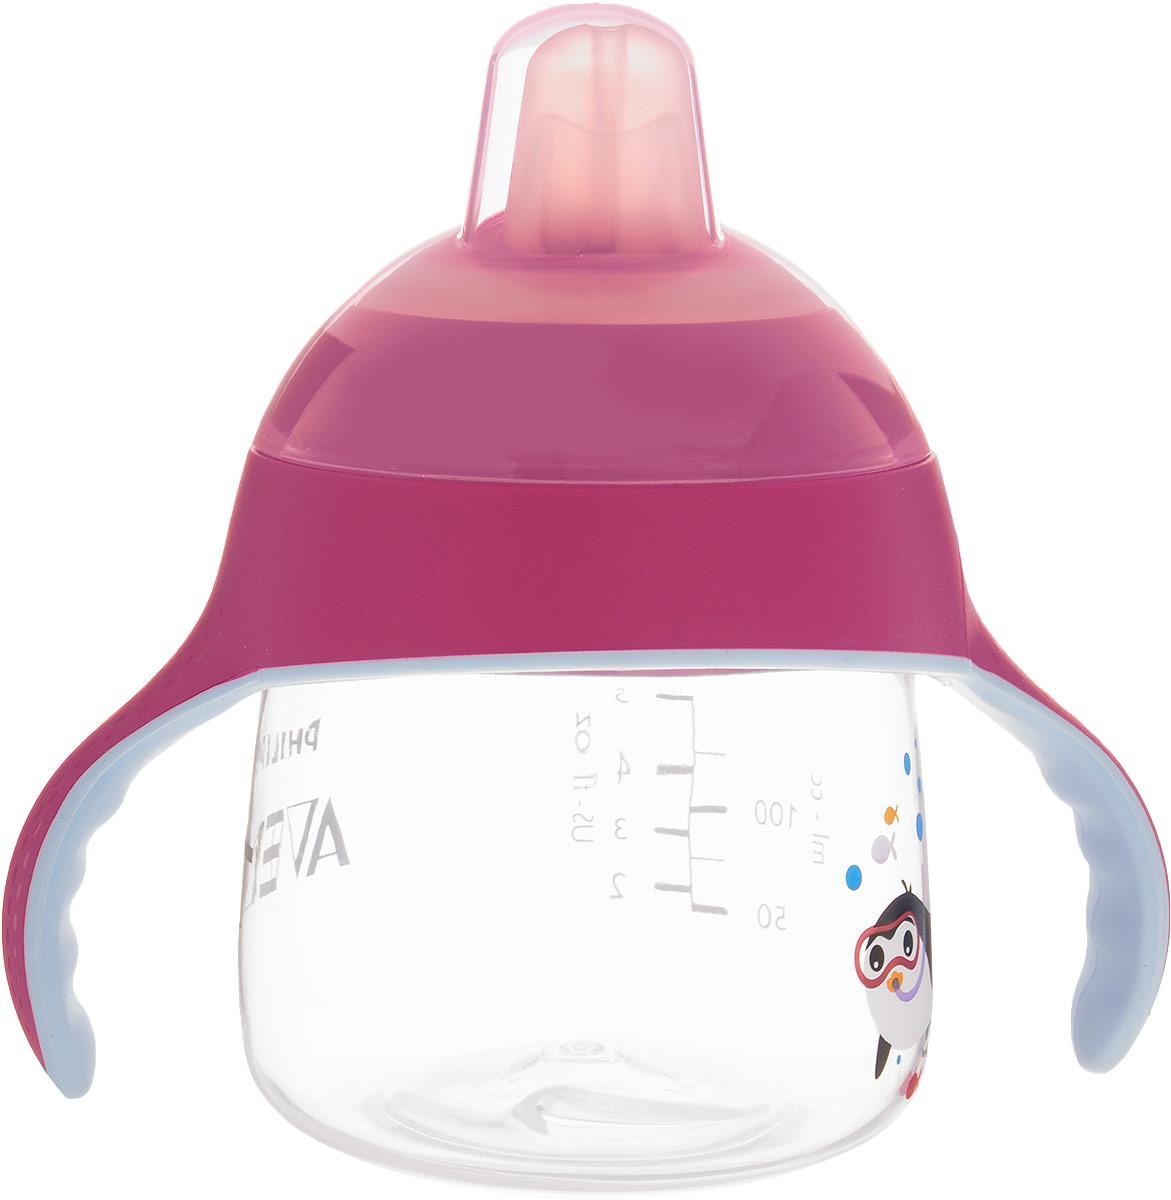 Philips Avent Волшебная чашка-непроливайка от 6 месяцев, цвет: розовый, 200 мл SCF751/00